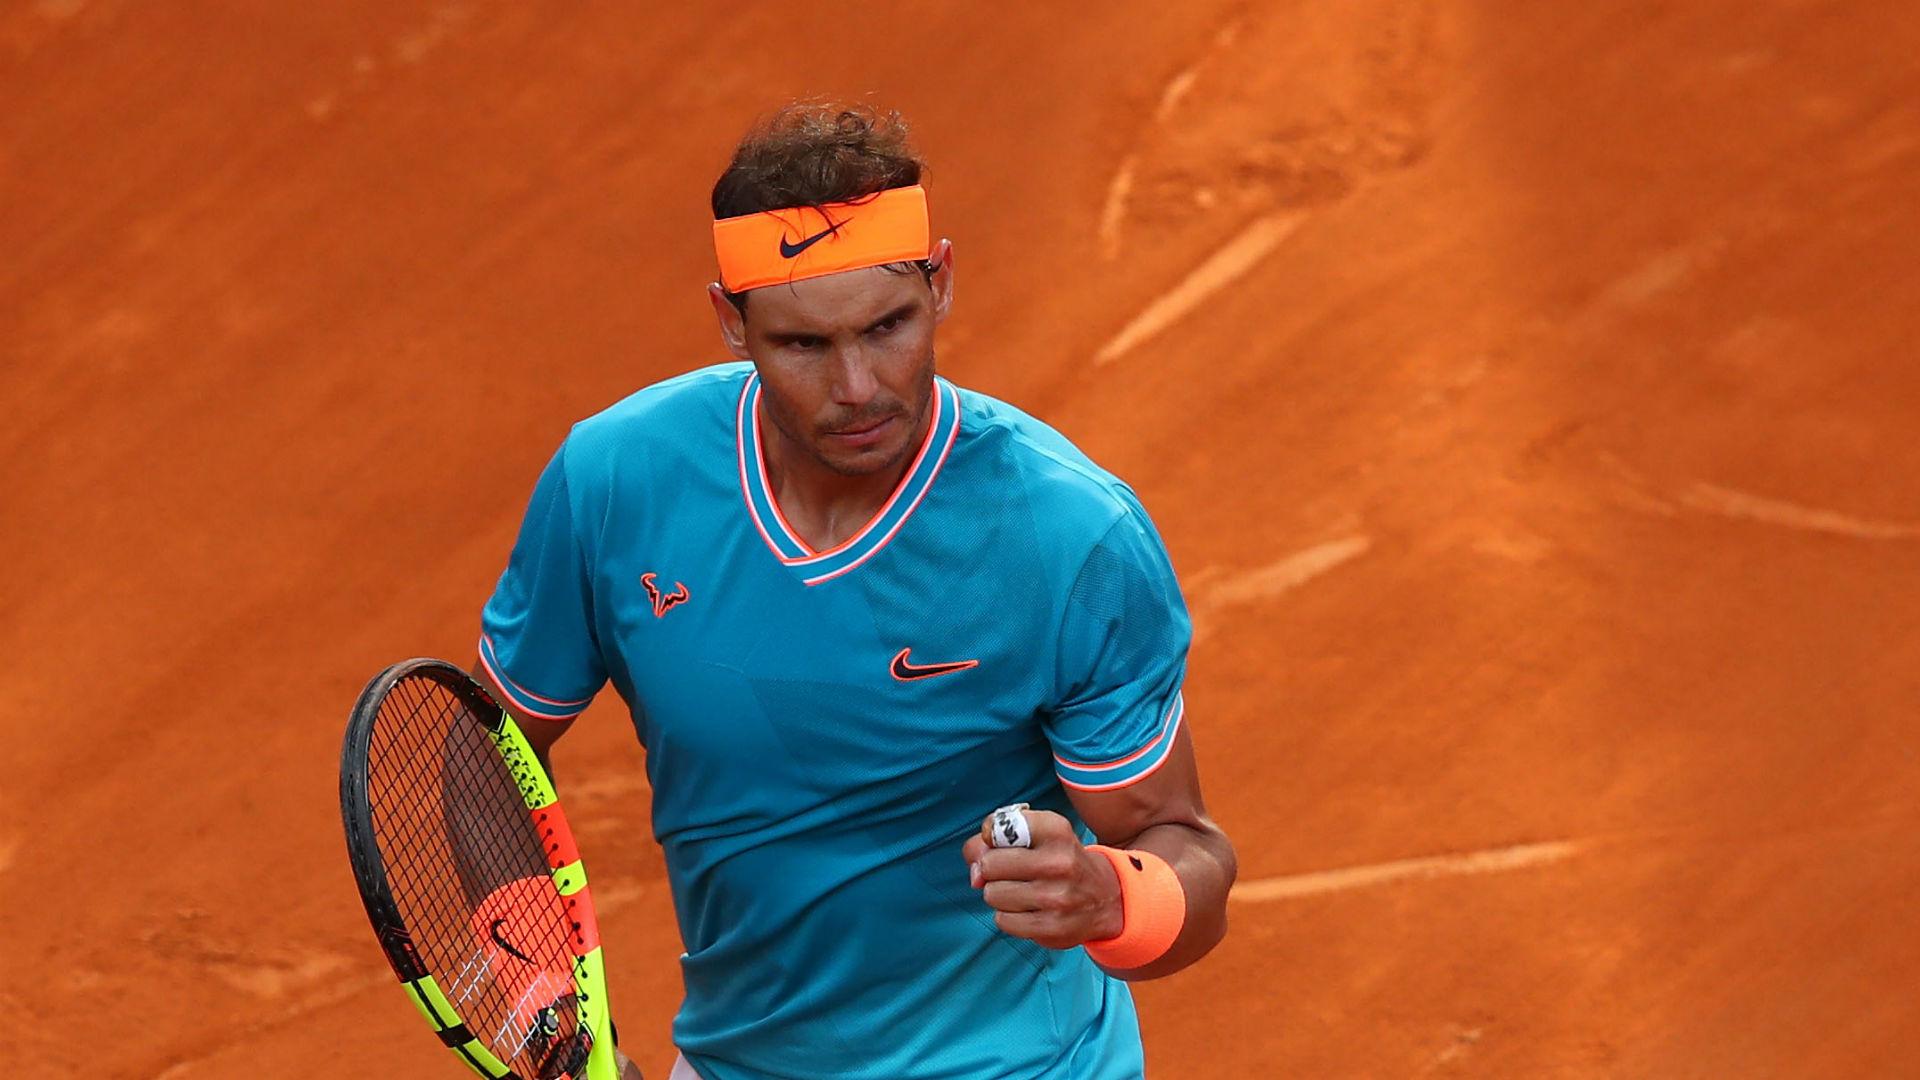 Nadal overtakes Federer's top-10 streak